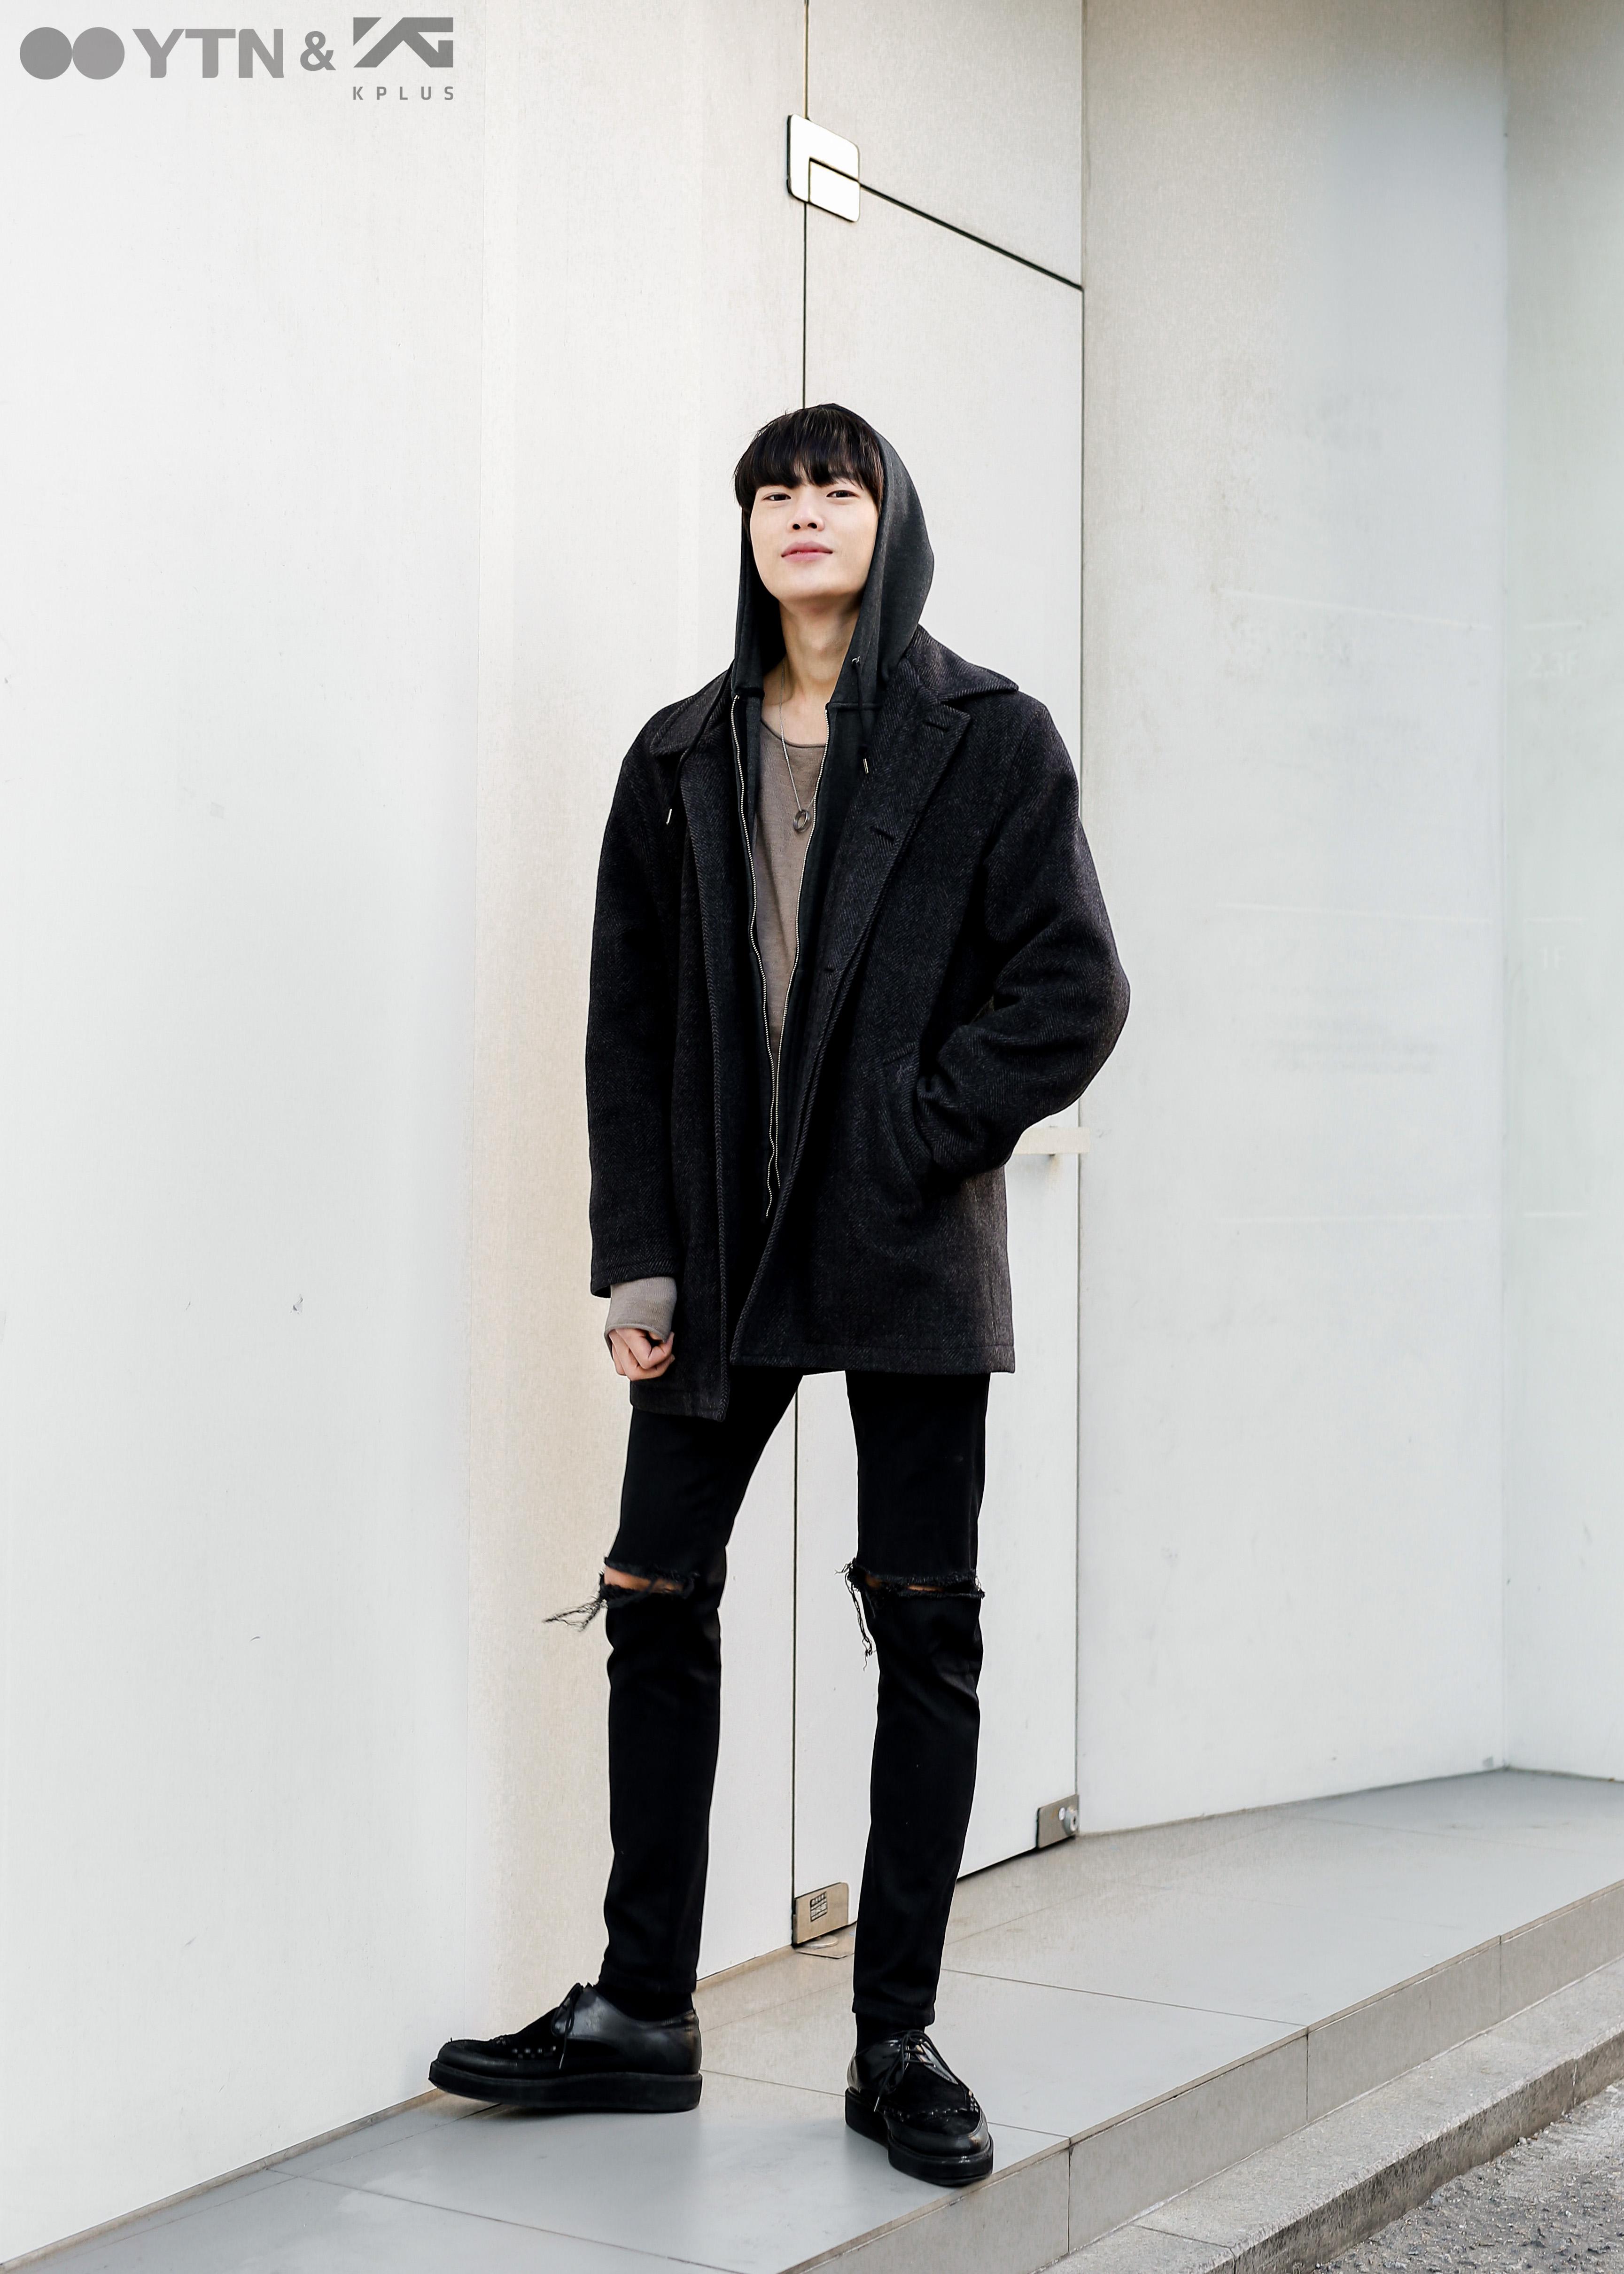 '무심한 듯 멋스럽게' 모델 고웅호의 캐주얼 시크룩!